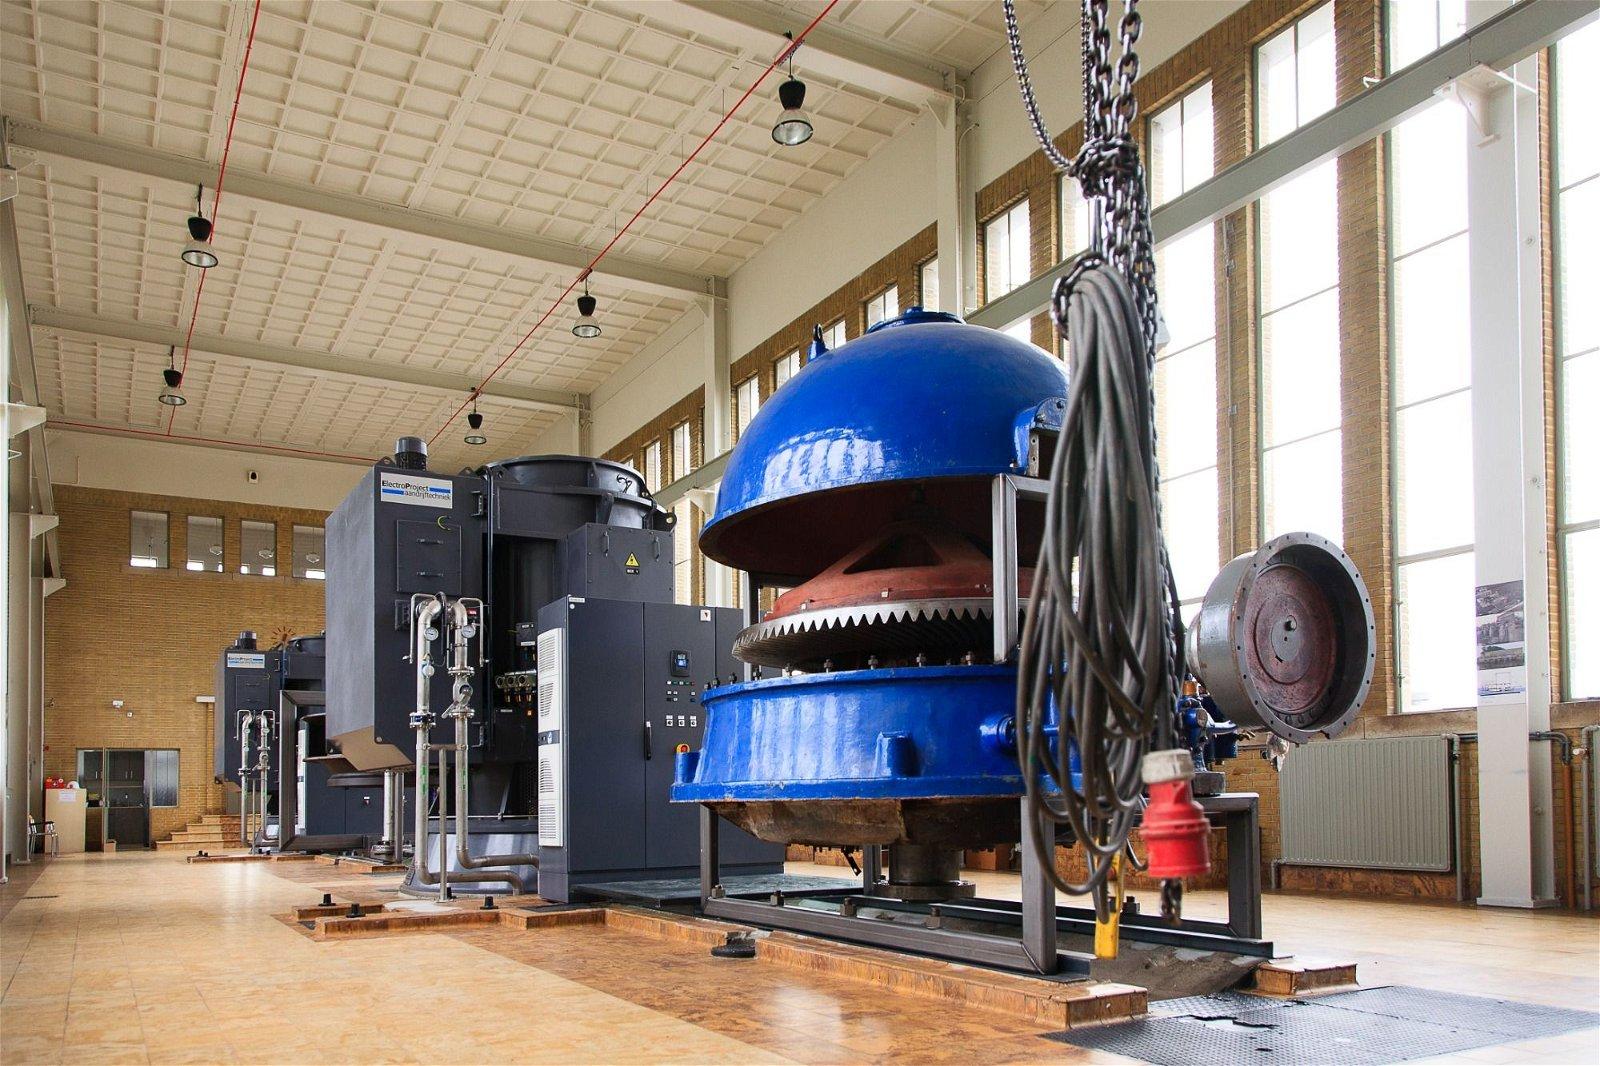 De crux van gemalen renoveren is natuurbehoud. Hoppenbrouwers houdt hier tijdens de installatie van industriële automatiseringsoplossingen rekening mee.